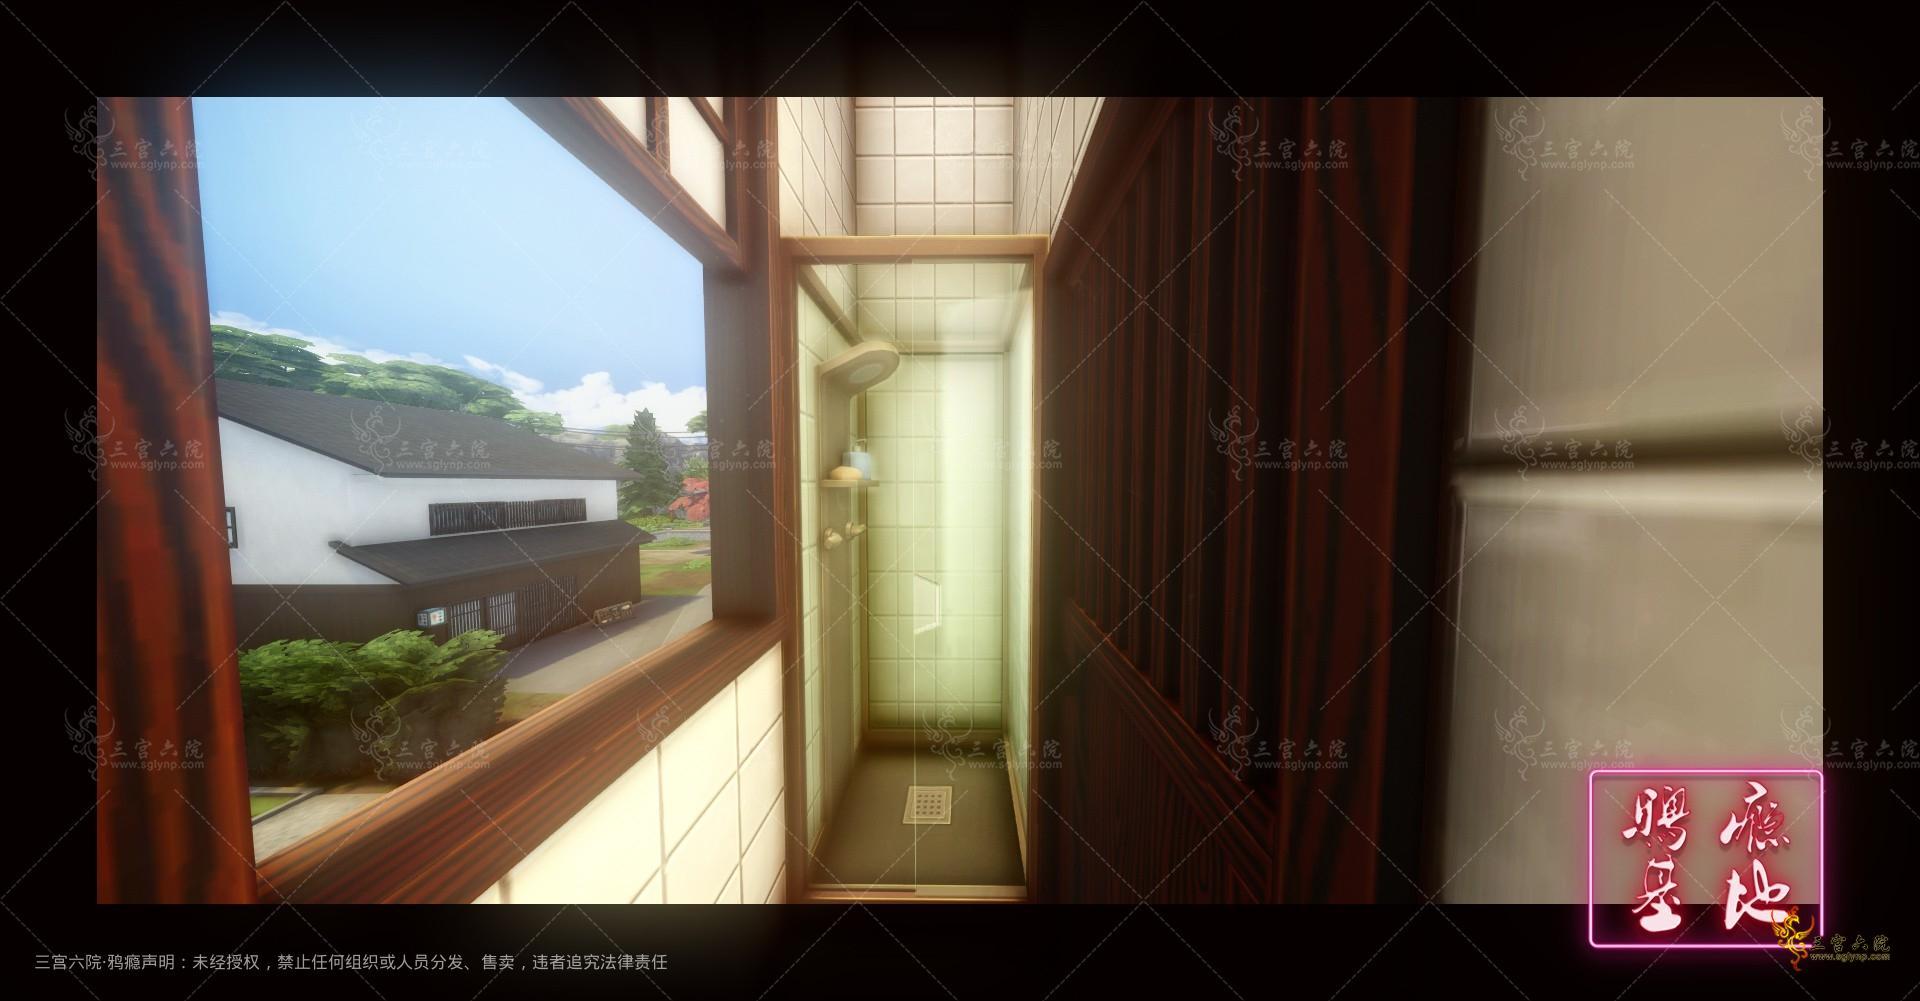 TS4_x64 2021-10-03 19-00-47.jpg